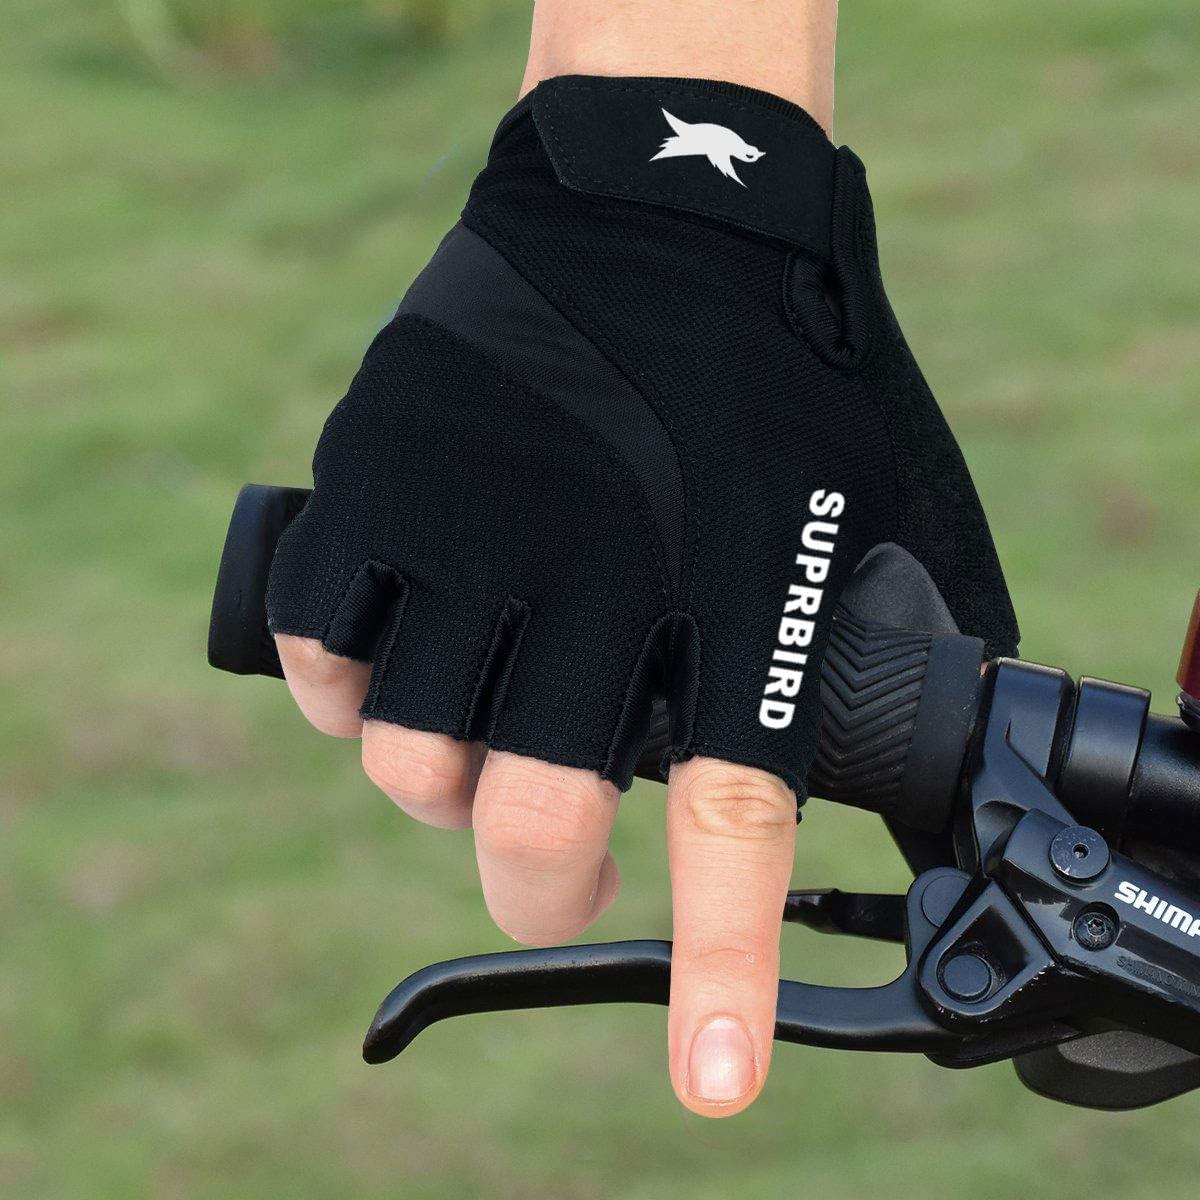 SUPRBIRD Fahrradhandschuhe Fingerlos Fitness Handschuhe Atmungsaktiv Rutschfestes Sto/ßd/ämpfende Radsporthandschuhe f/ür MTB Fitness Damen und Herren